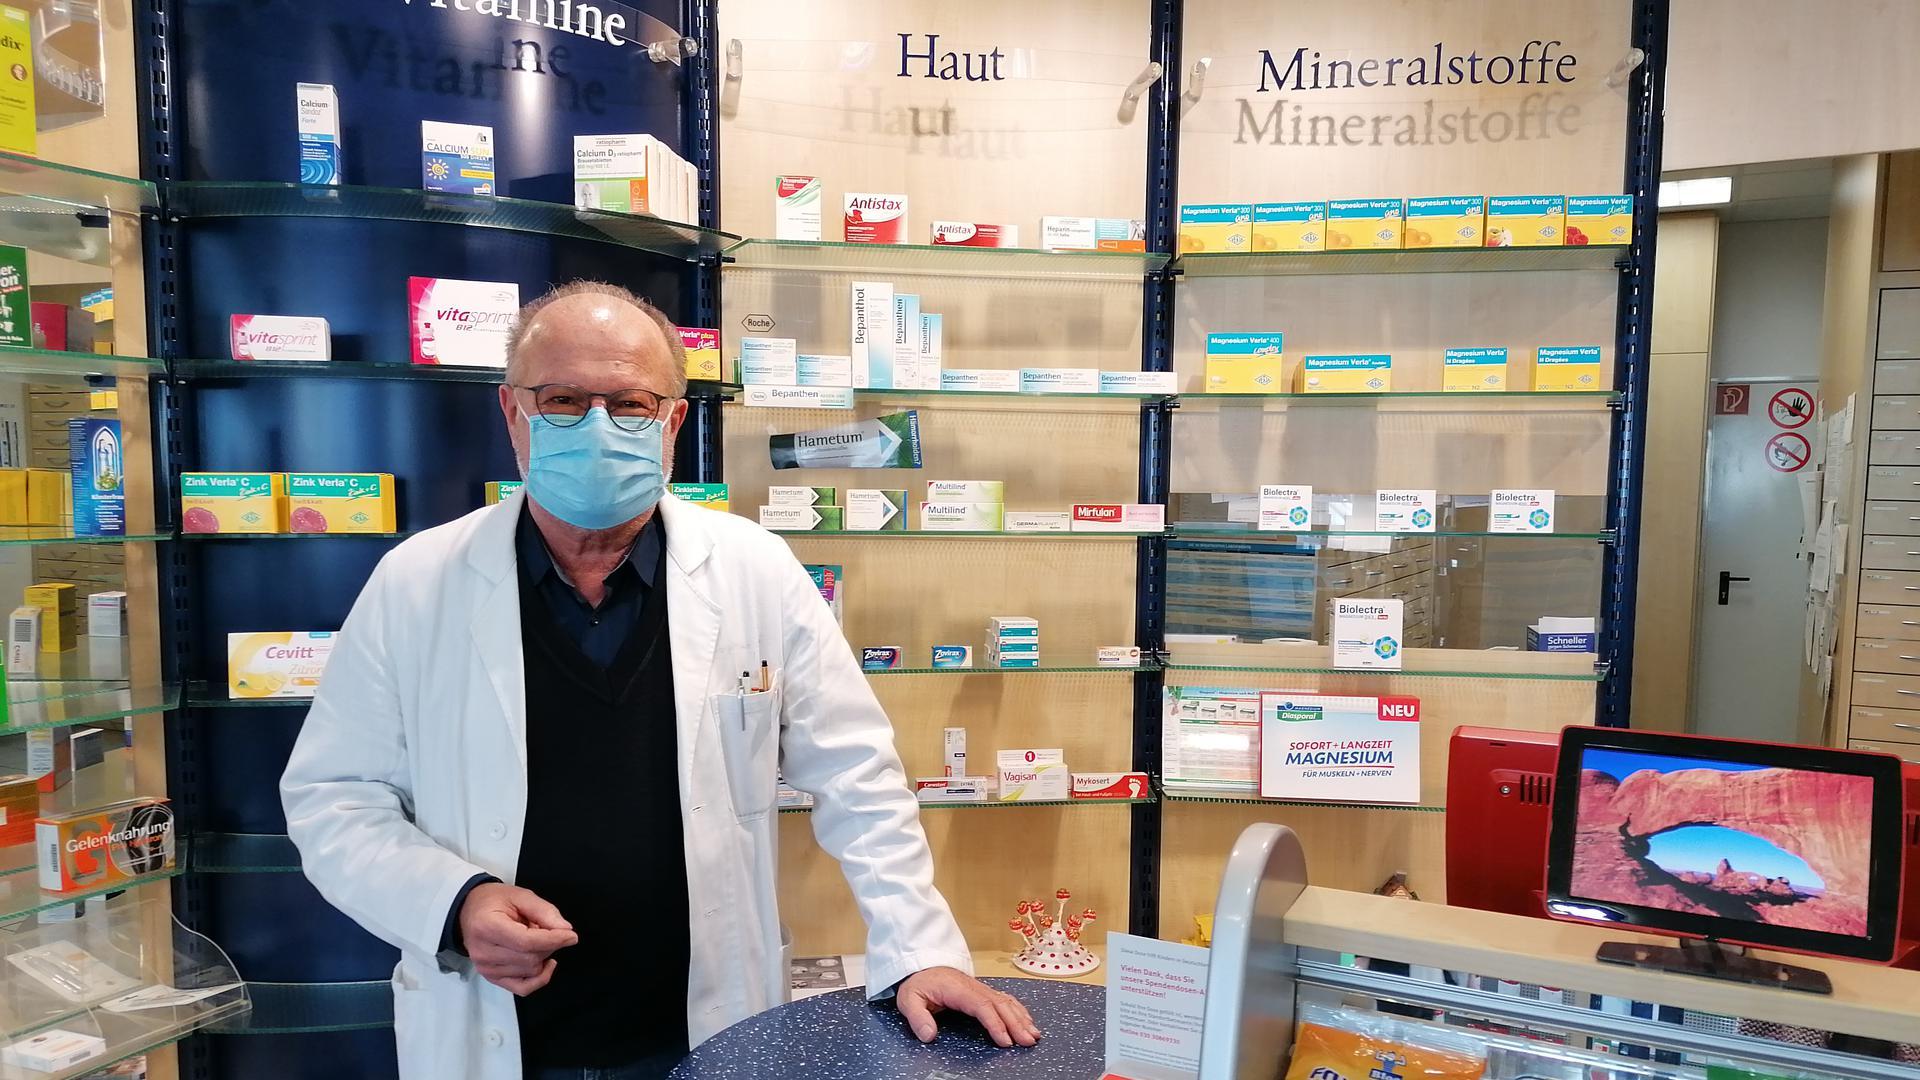 Schließt Ende März: Inhaber Otto Köllner geht in den Ruhestand. Seine Apotheke in Bad Rotenfels muss er nach fast 40 Jahren aufgeben, weil er keinen Nachfolger findet.